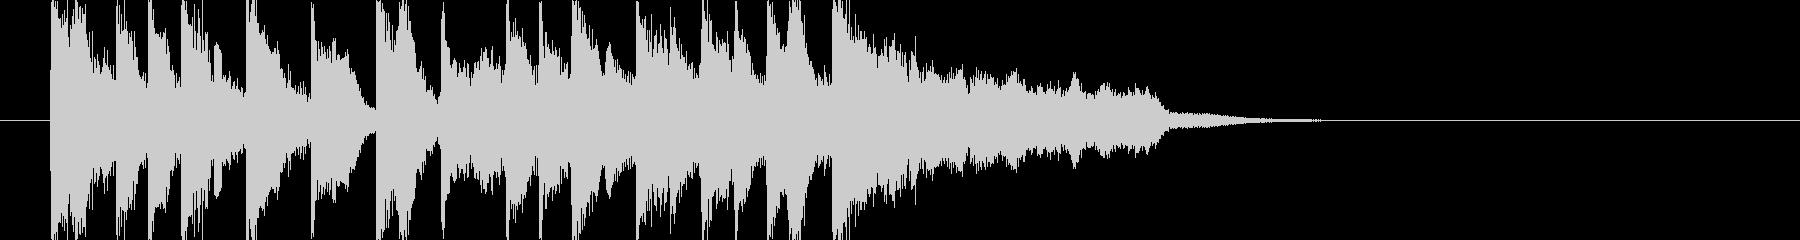 場面切り替え等 ほのぼのジングル和楽J6の未再生の波形